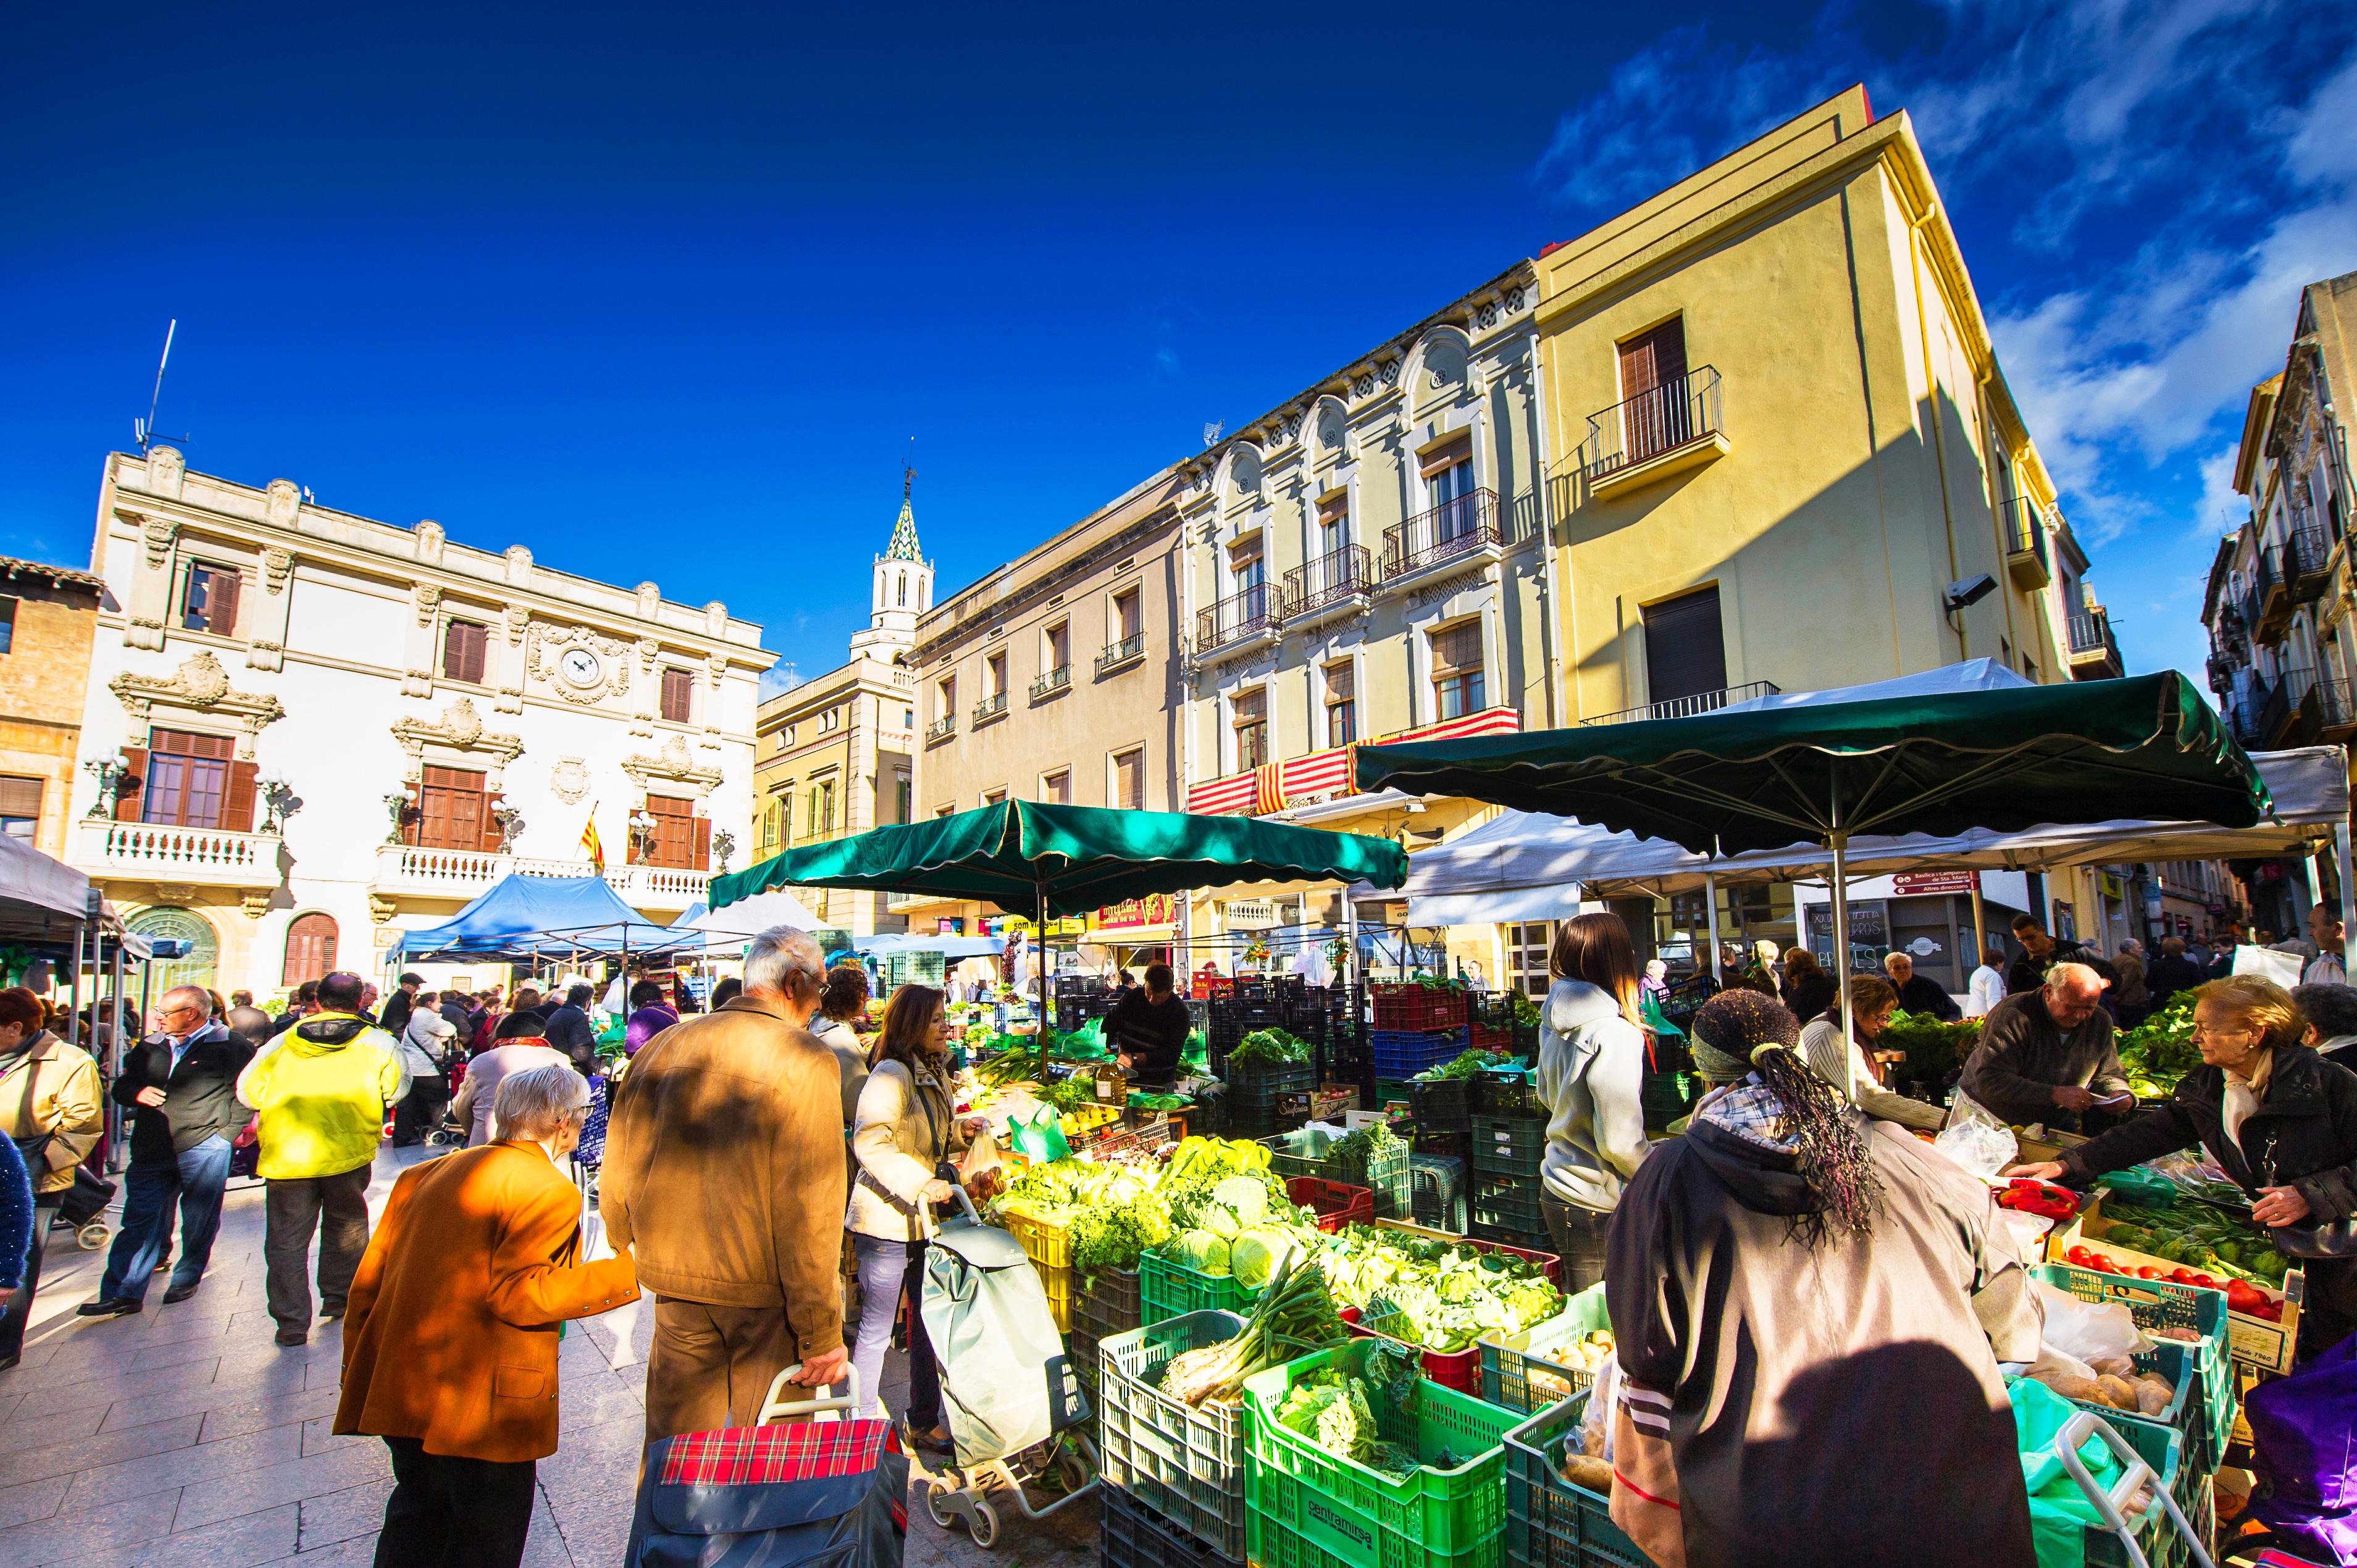 Marché du samedi © Servei Promoció Turística - Ajuntament de Vilafranca del Penedès